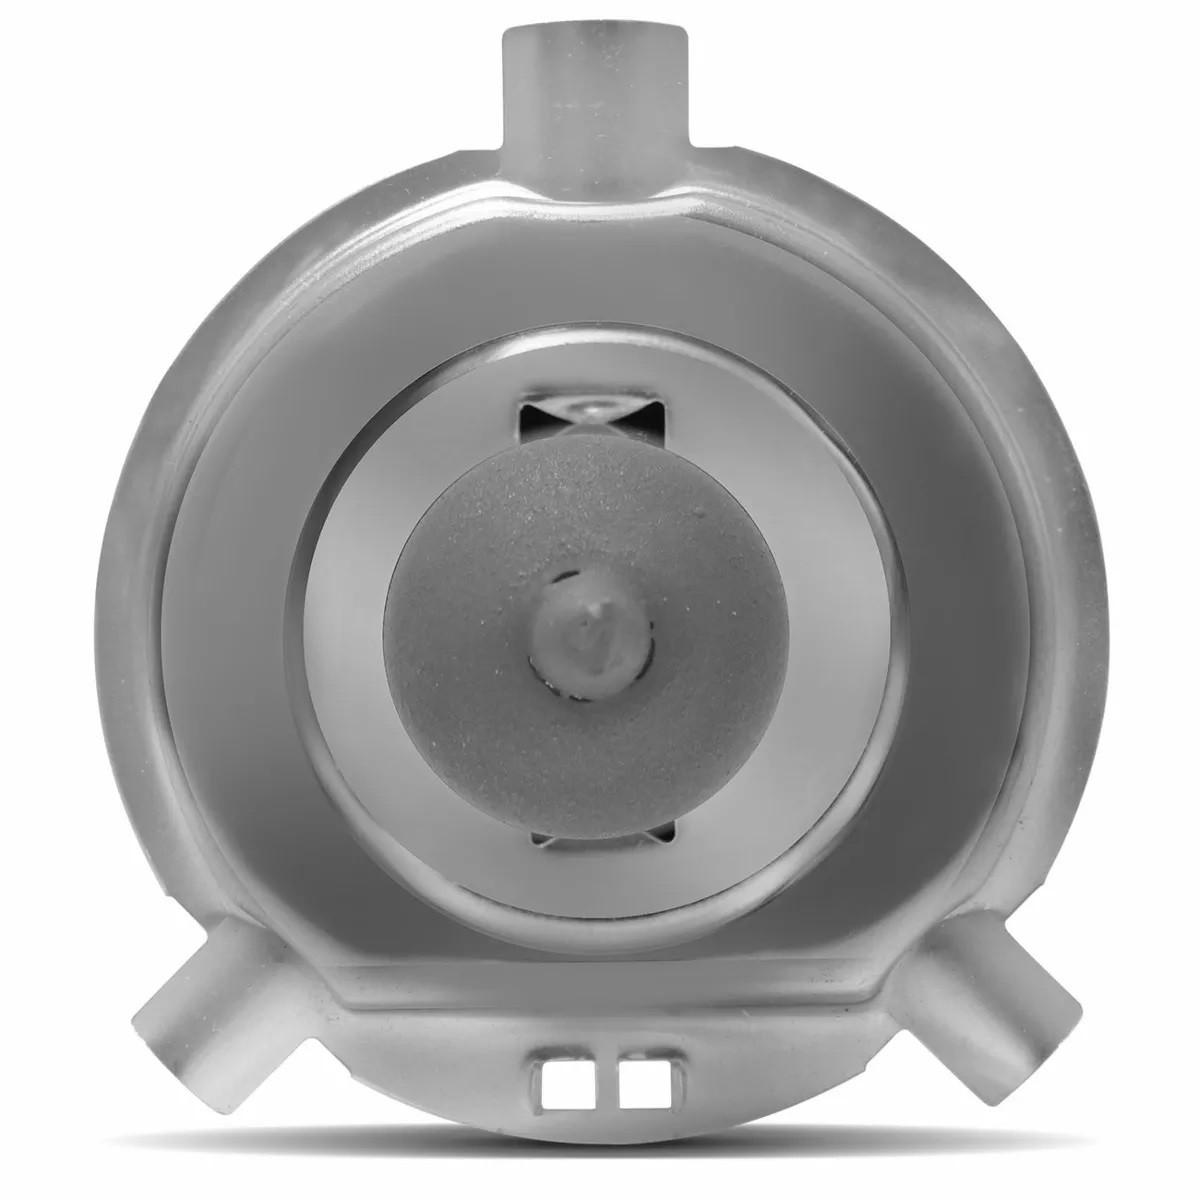 Kit Lampada H4 100w 12v Comum + Soquete Porcelana Resitente